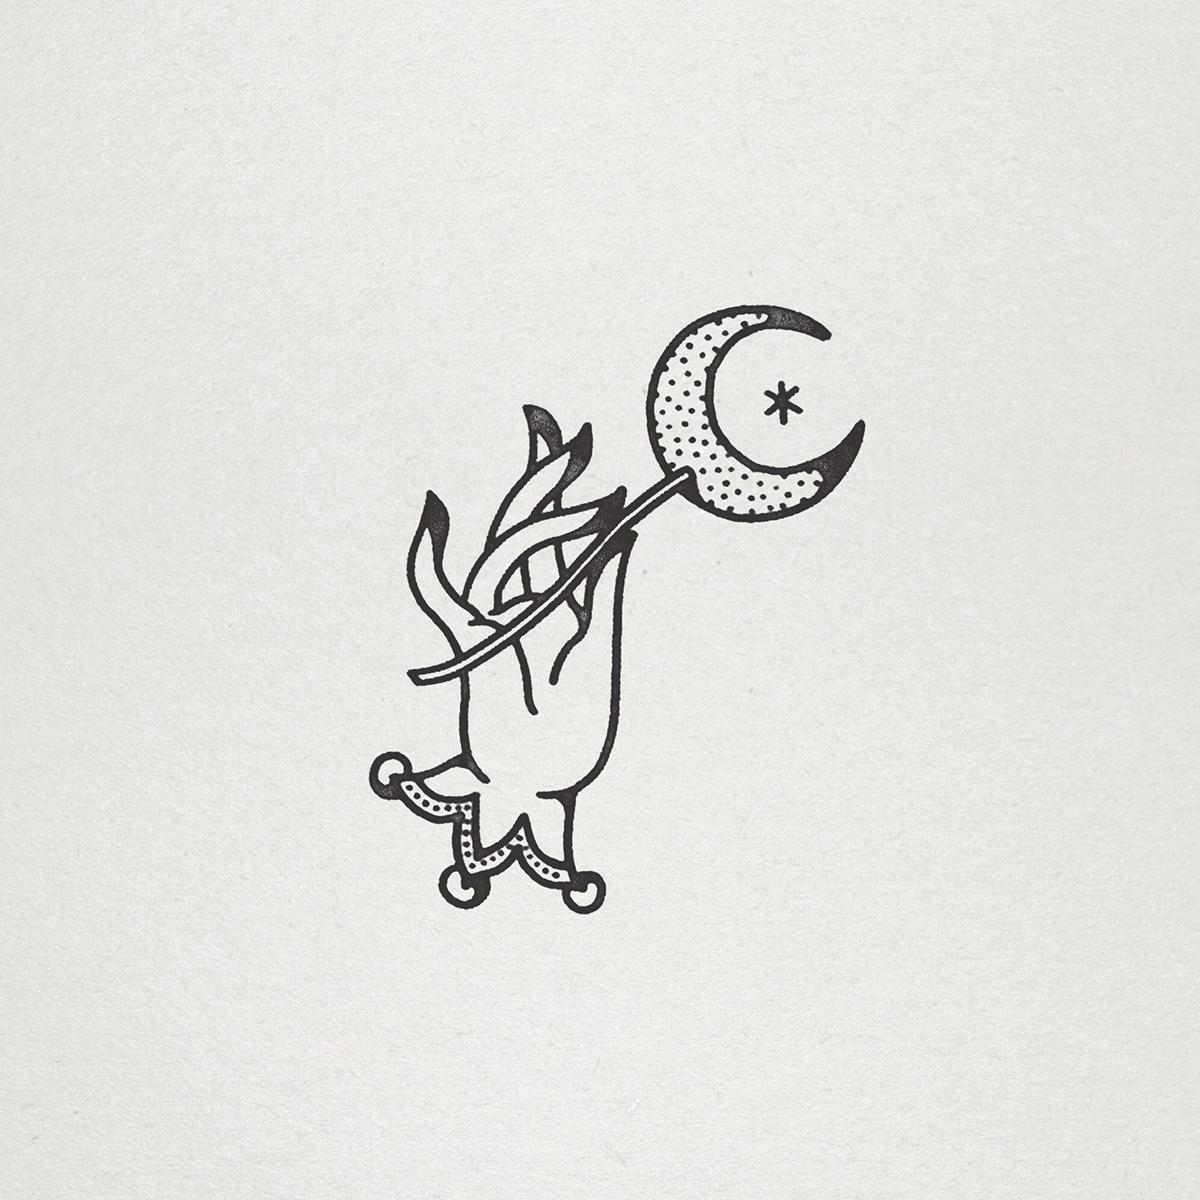 moon-hand.jpg